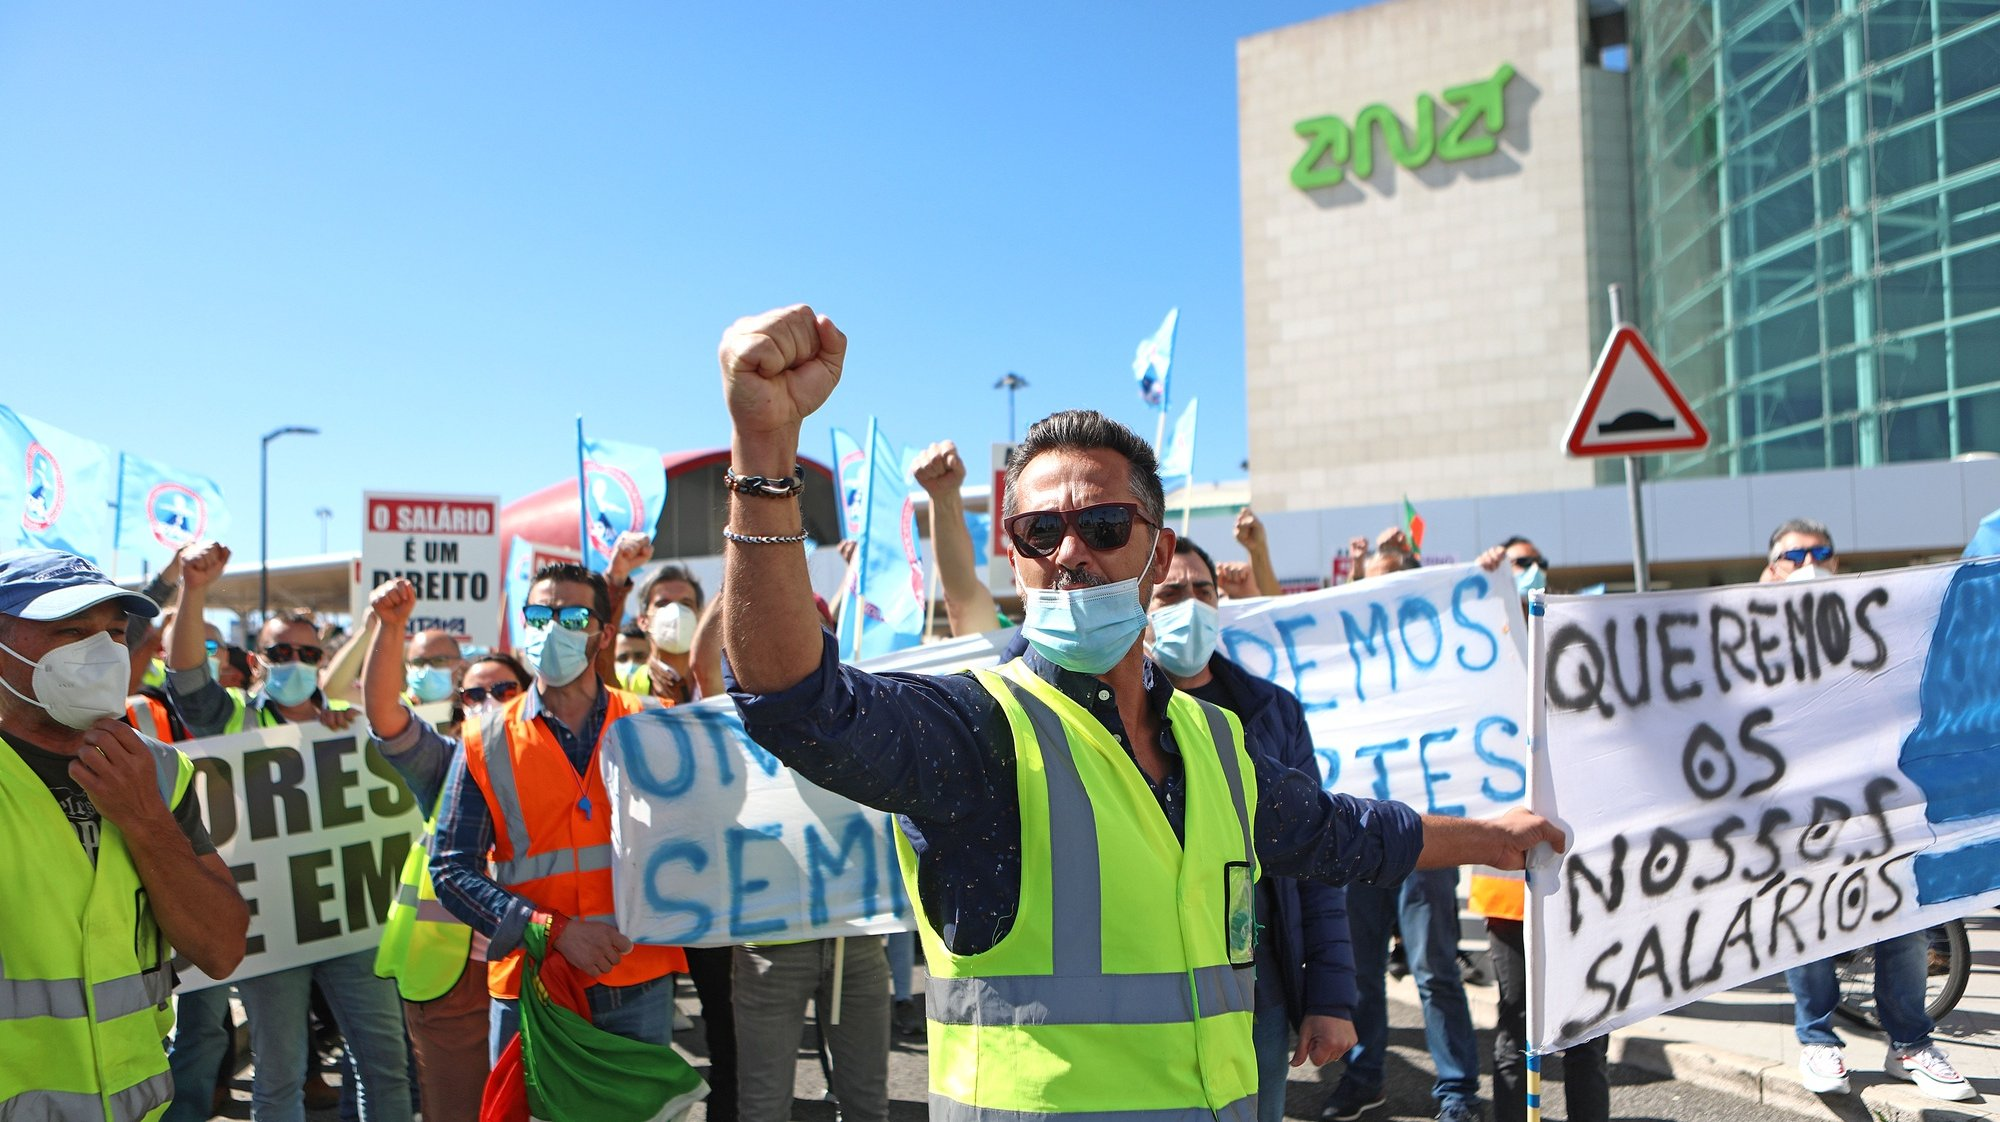 Trabalhadores da SPdH/Groundforce manifestam-se em frente à zona das chegadas do Aeroporto Humberto Delgado, em Lisboa, 18 de Março de 2021. O protesto convocado pela Comissão de Trabalhadores prende-se com o não pagamento de salários e os despedimentos anunciados. ANTÓNIO PEDRO SANTOS/LUSA